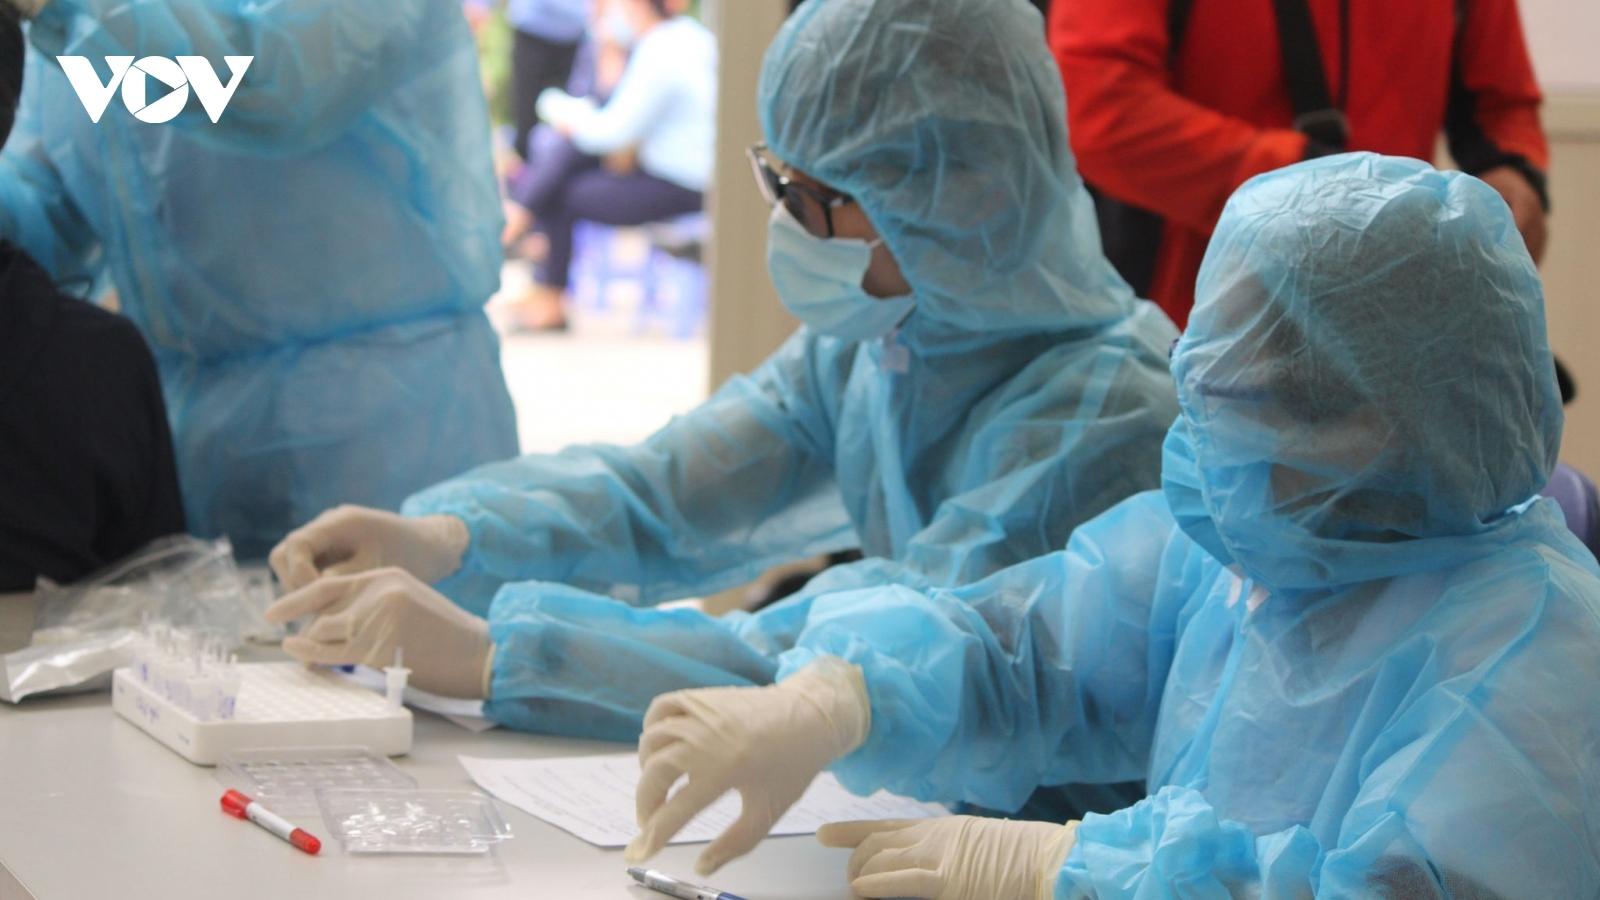 Hà Nội ghi nhận thêm 18 trường hợp dương tính với SARS-CoV-2